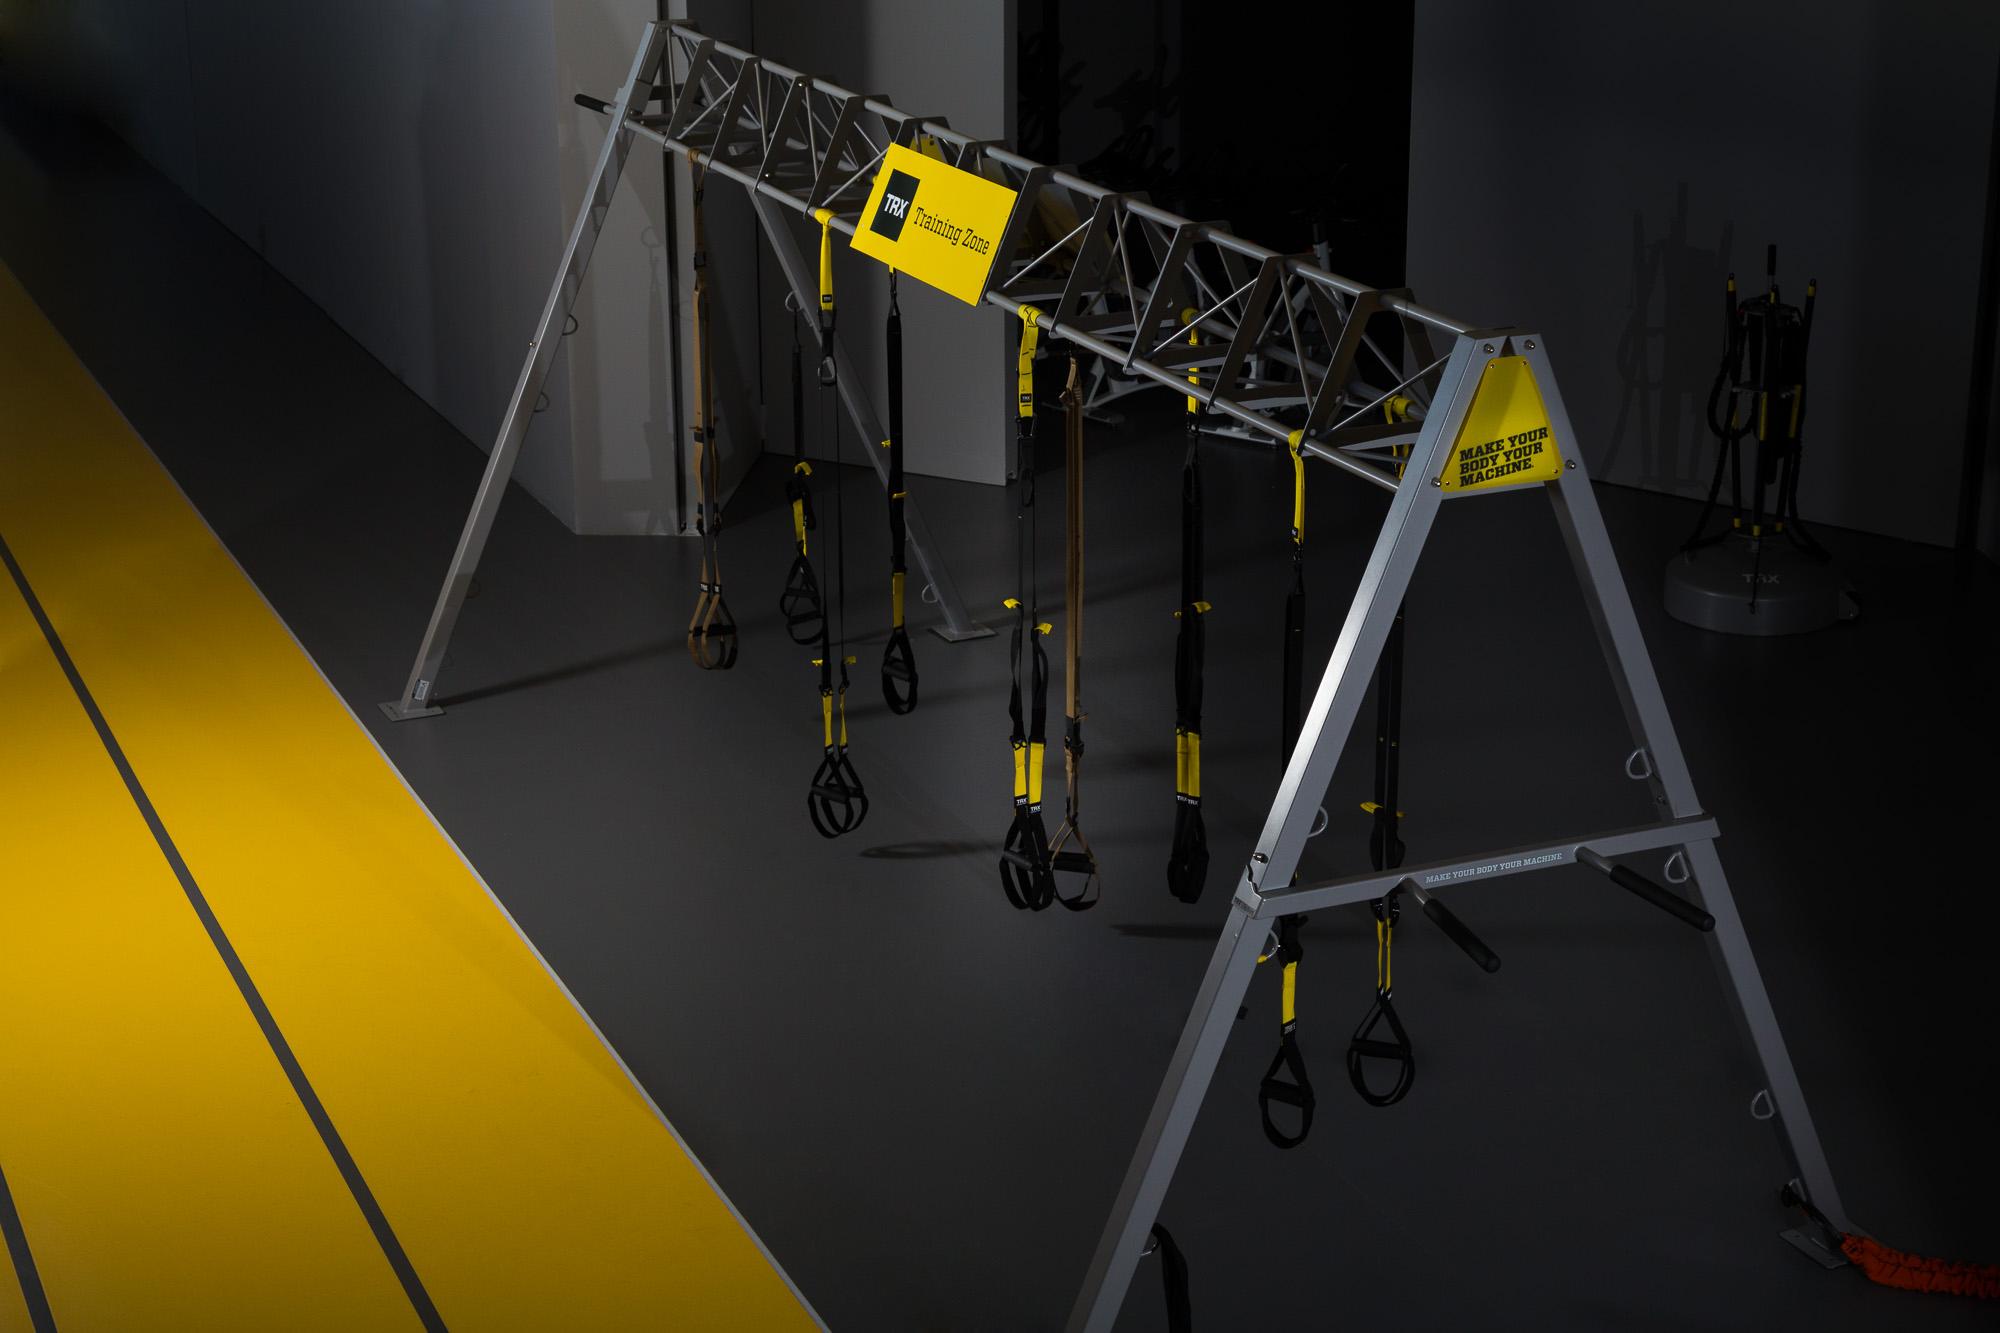 Φωτογράφιση του βασικού εξοπλισμού TRX με τους ιμάντες και την σιδερένια κατασκευή. Φωτογραφία τραβηγμένη με τεχνητό φως.